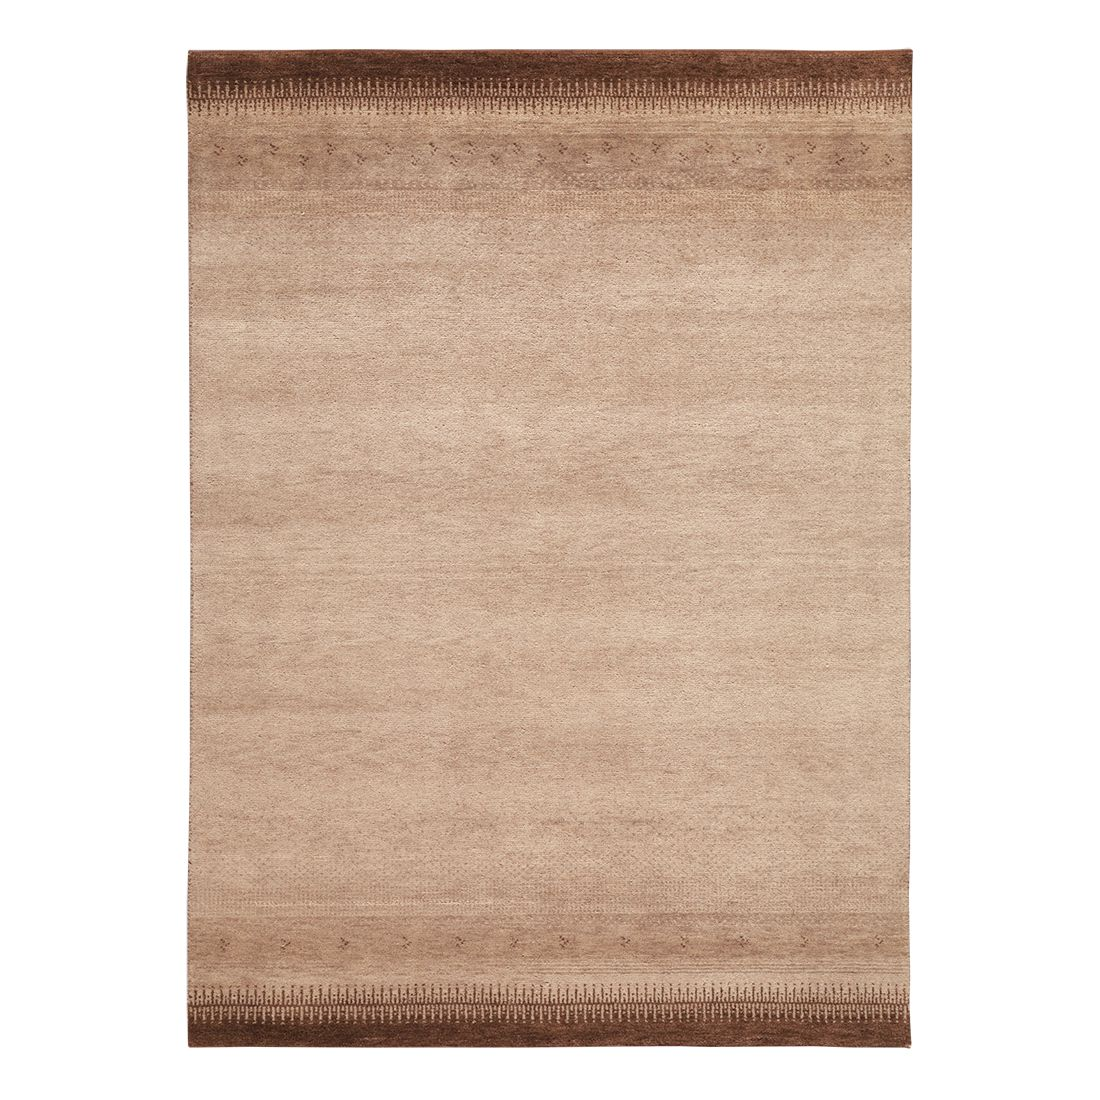 teppich indo gabbeh vizianagaram braun 60 x 90 cm parwis online kaufen bei woonio. Black Bedroom Furniture Sets. Home Design Ideas